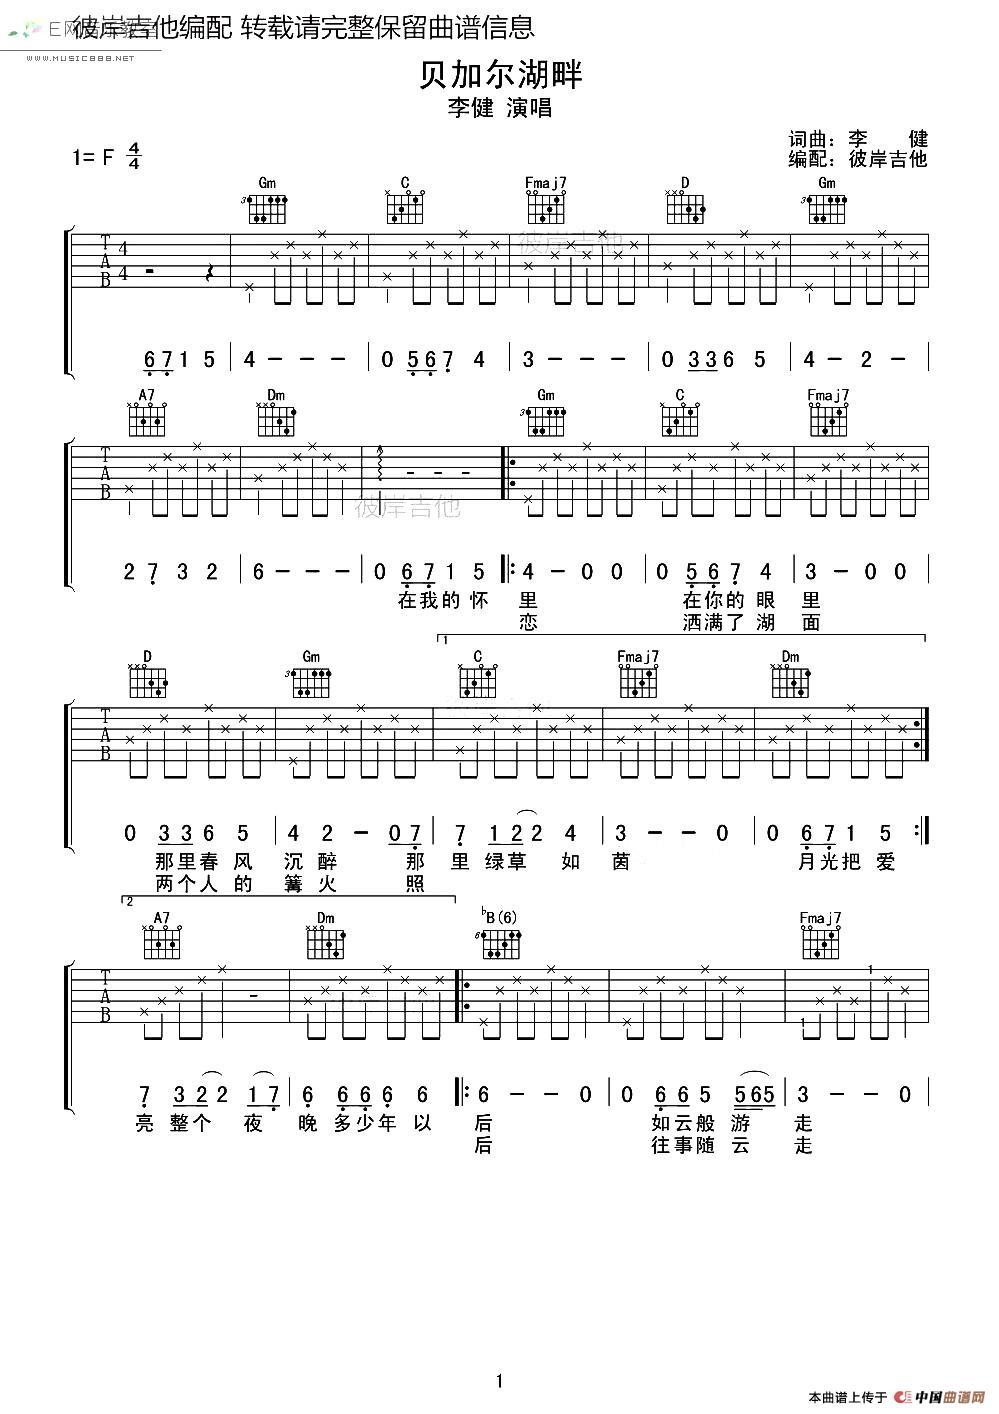 貝加爾湖畔_吉他譜_搜譜網圖片